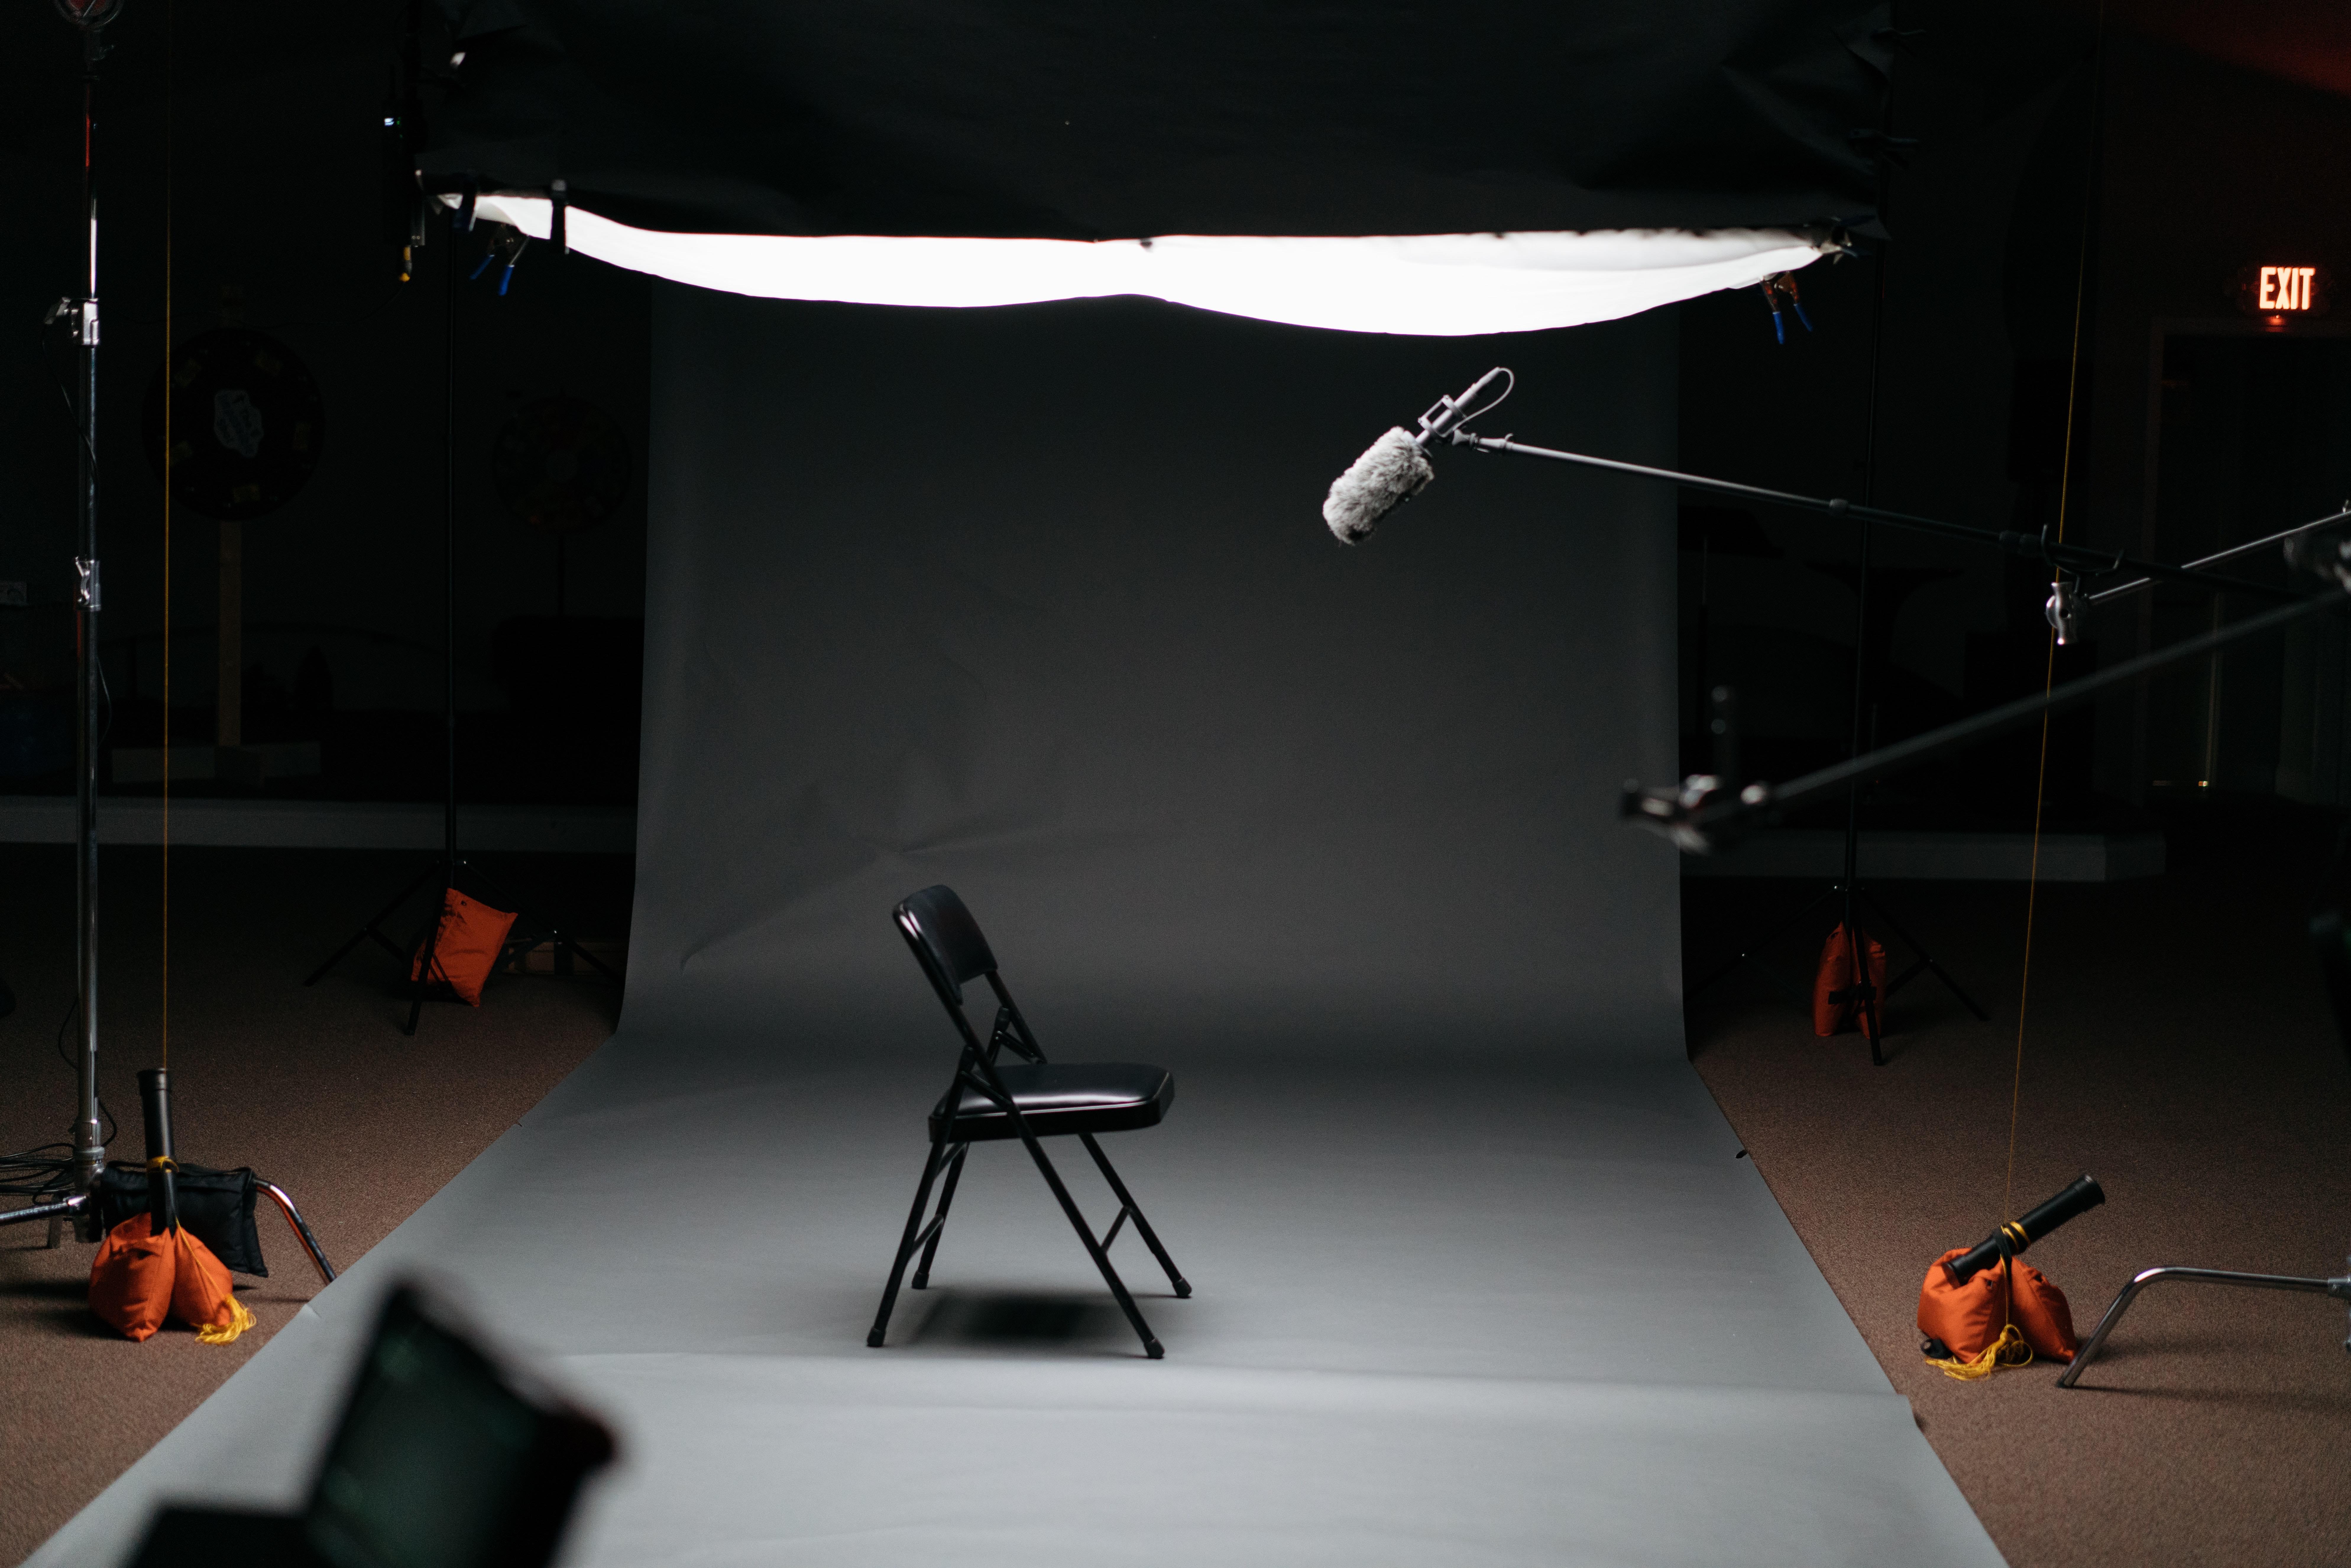 F500 CMO Webinar: Key Video Takeaways